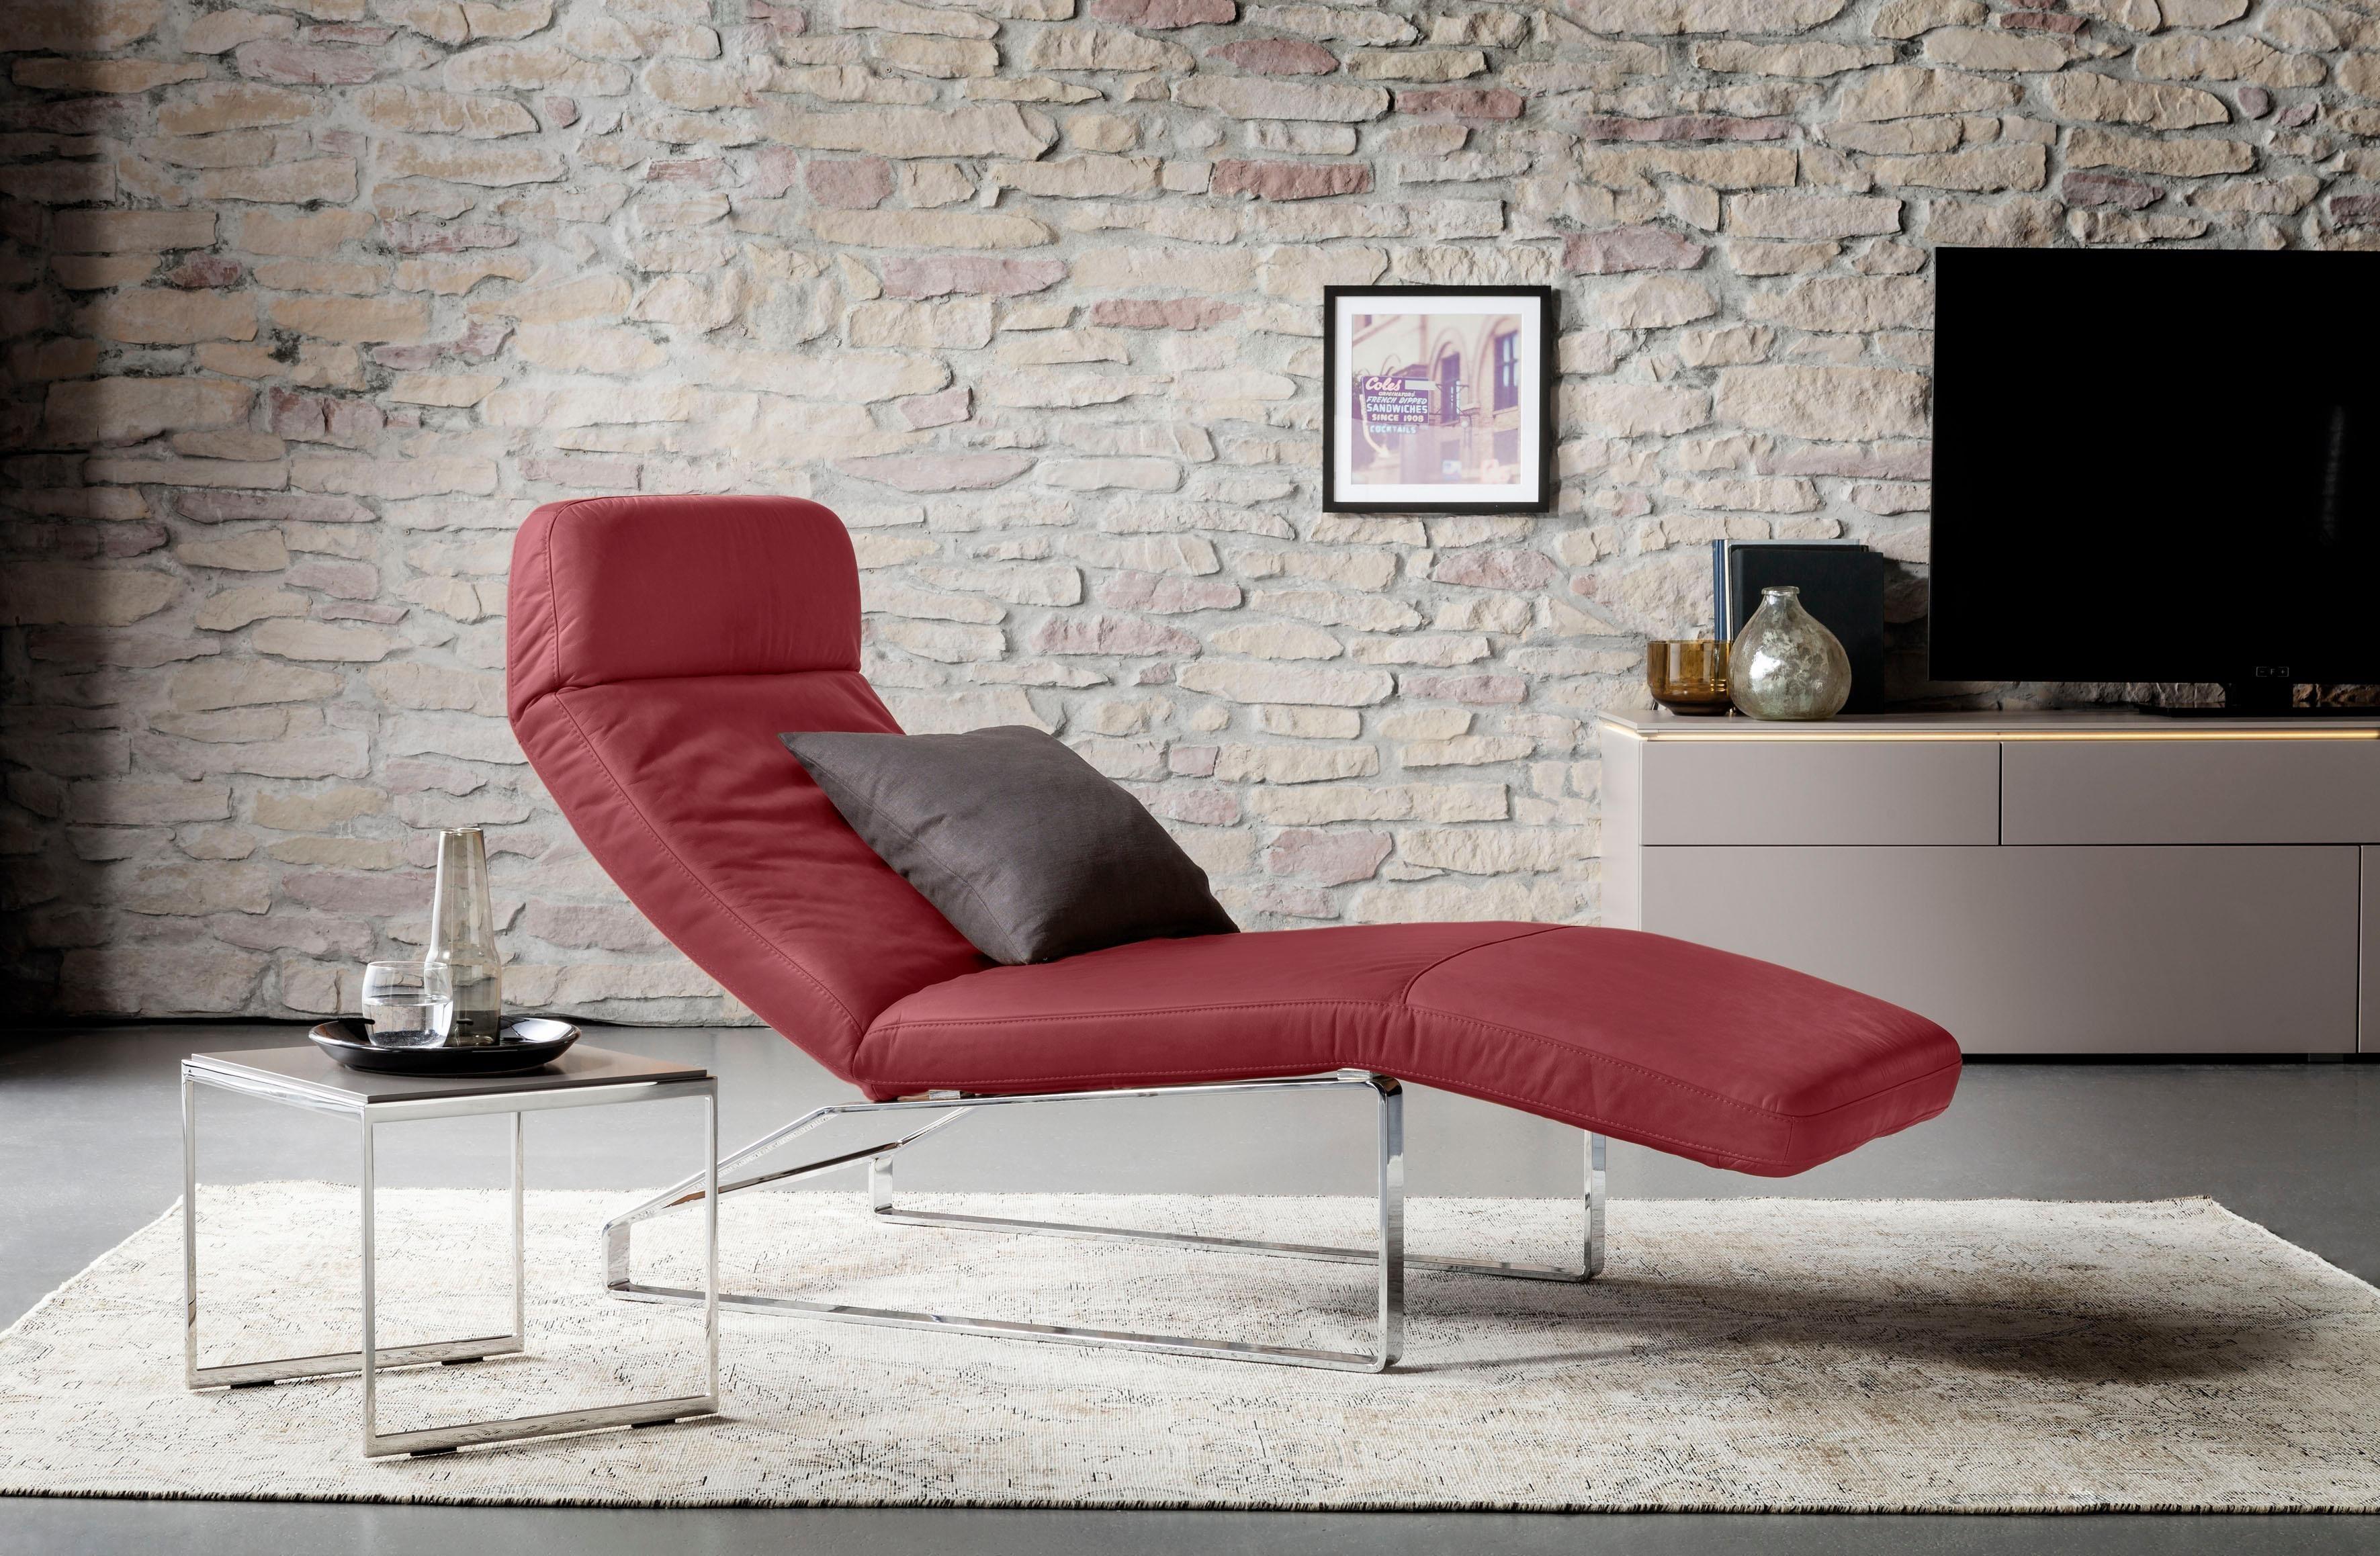 GALLERY M Relaxliege »Giulia« mit 5-fachem Rasterbeschlag | Wohnzimmer > Sessel > Relaxliegen | Microfaser - Leder - Flachgewebe - Baumwolle | Gallery M